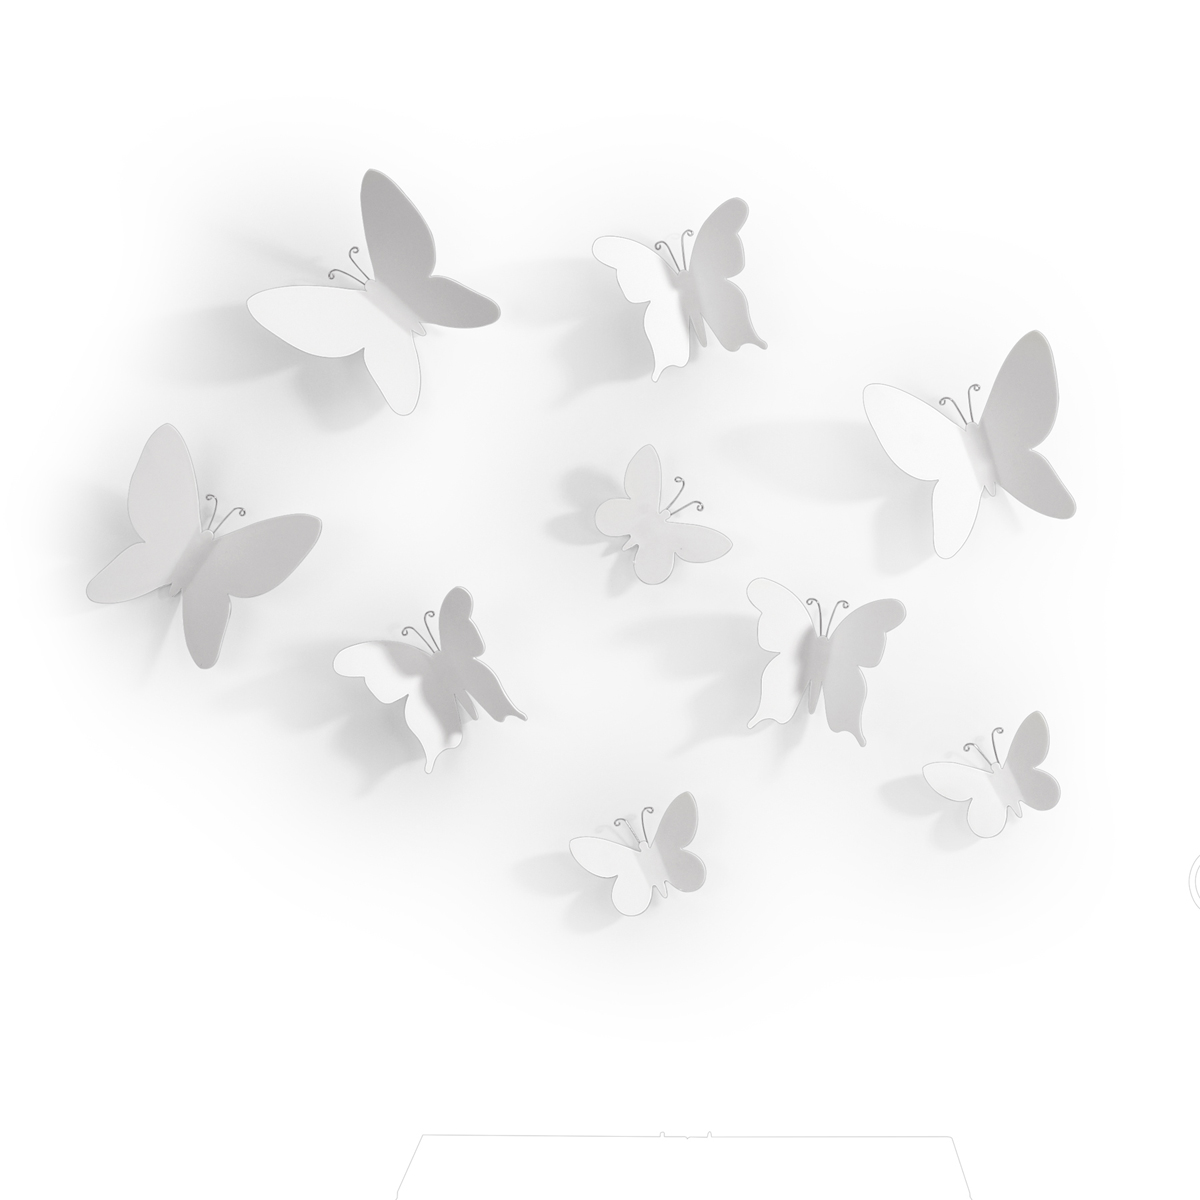 Декоративное украшение Umbra Mariposa, настенное, цвет: белый, 9 шт470130-660Добавьте интерьеру весеннего настроения! Набор из 9 летящих бабочек добавит комнате легкости и превратит любую скучную стену в уникально декорированное пространство. Идеально подойдет для украшения спальни, гостиной или детской комнаты. Крепятся бабочки на специальный двусторонний скотч, который не оставляет следов на стене (идет в комплекте).Три размера: от самой маленькой бабочки 5 х 6 х 1 см до 9 х 10 х 3 см.